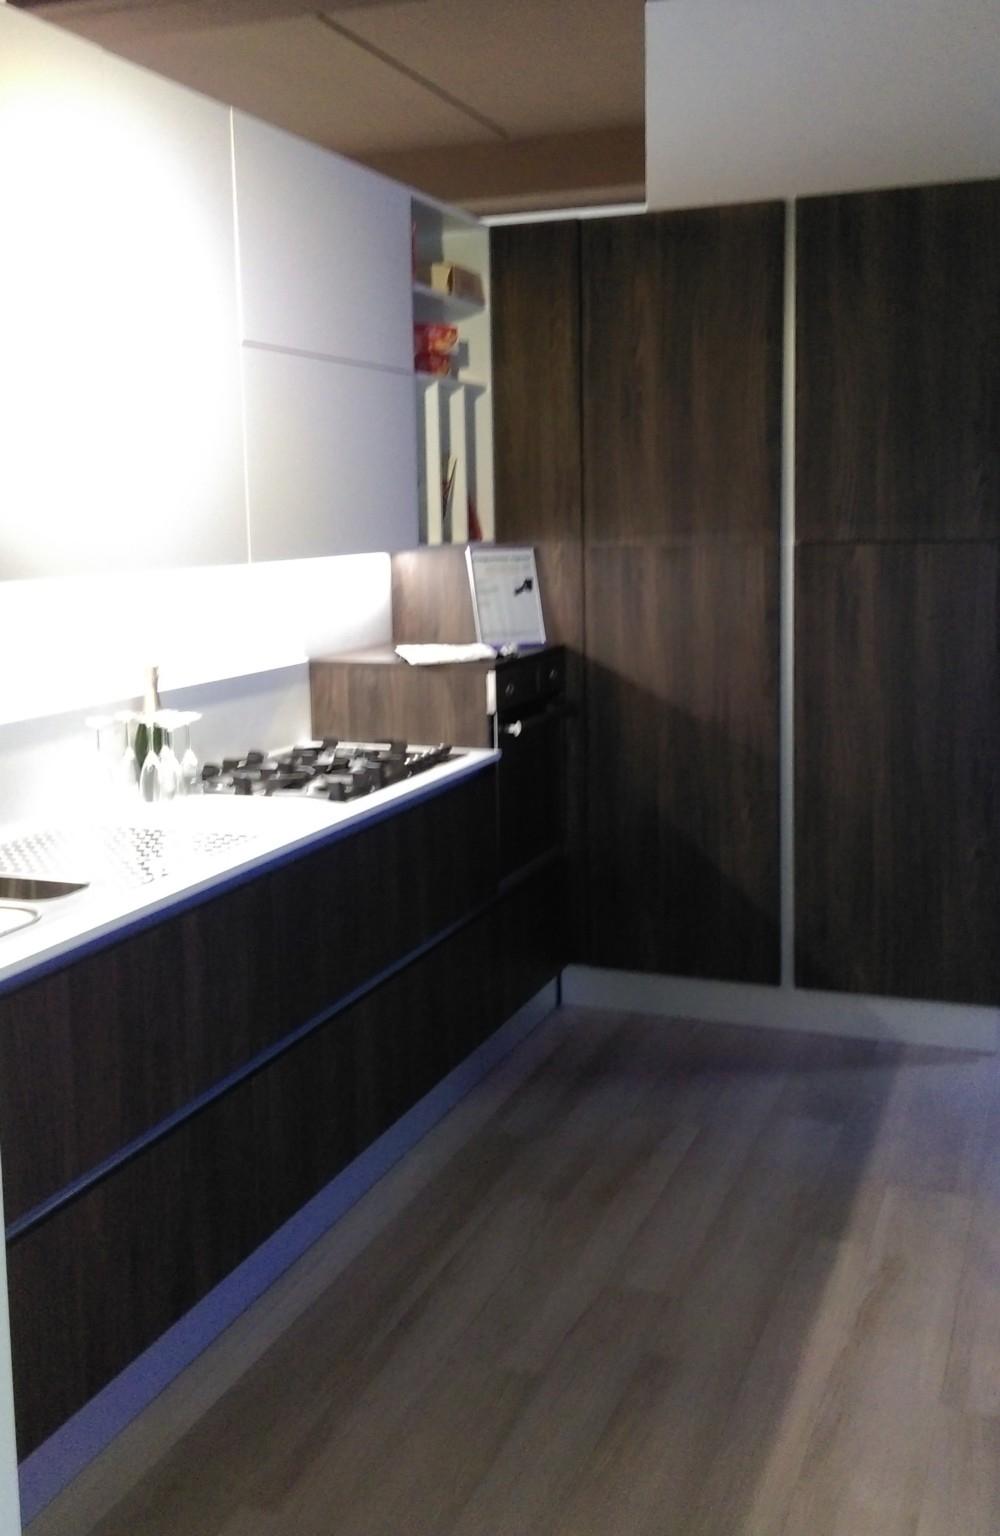 Cucina ad angolo infinity cucine a prezzi scontati - Cucina moderna ad angolo ...